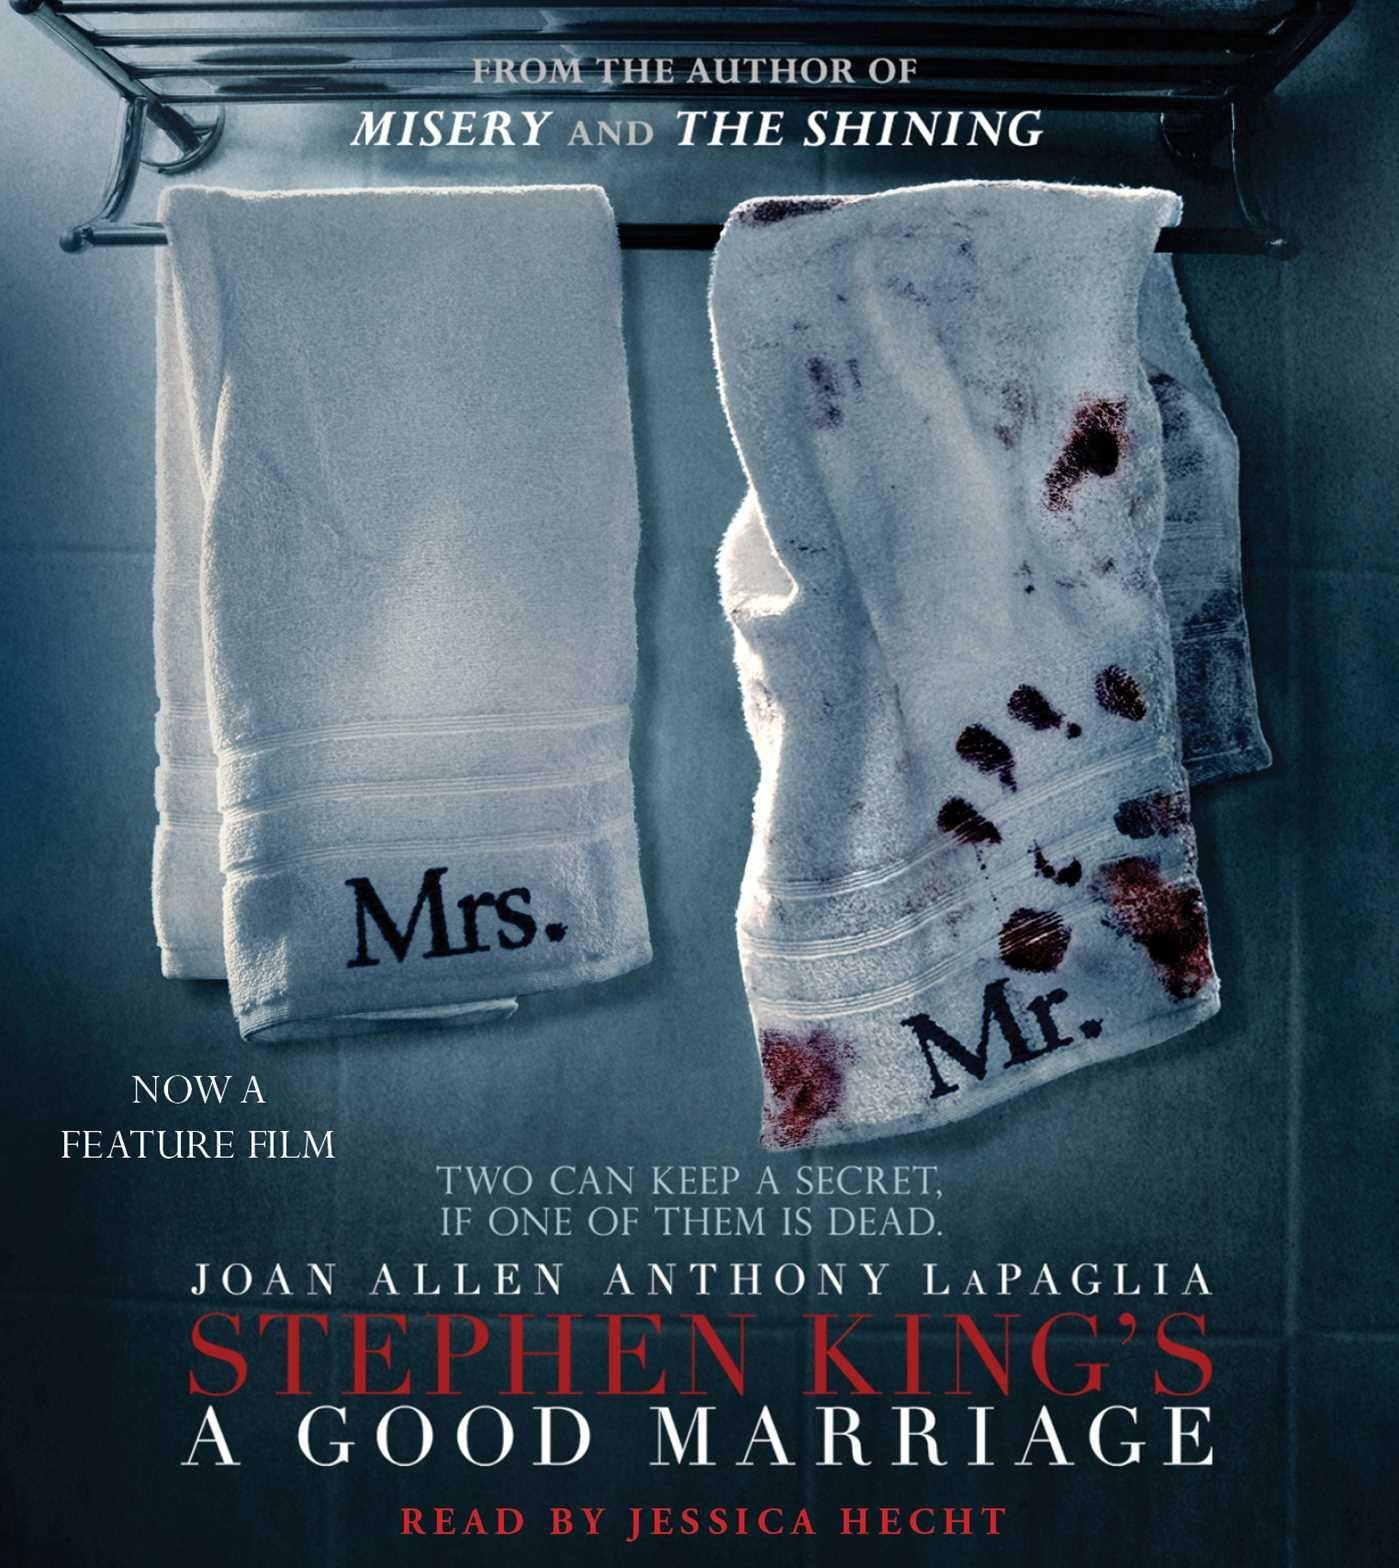 Top ten marriage books